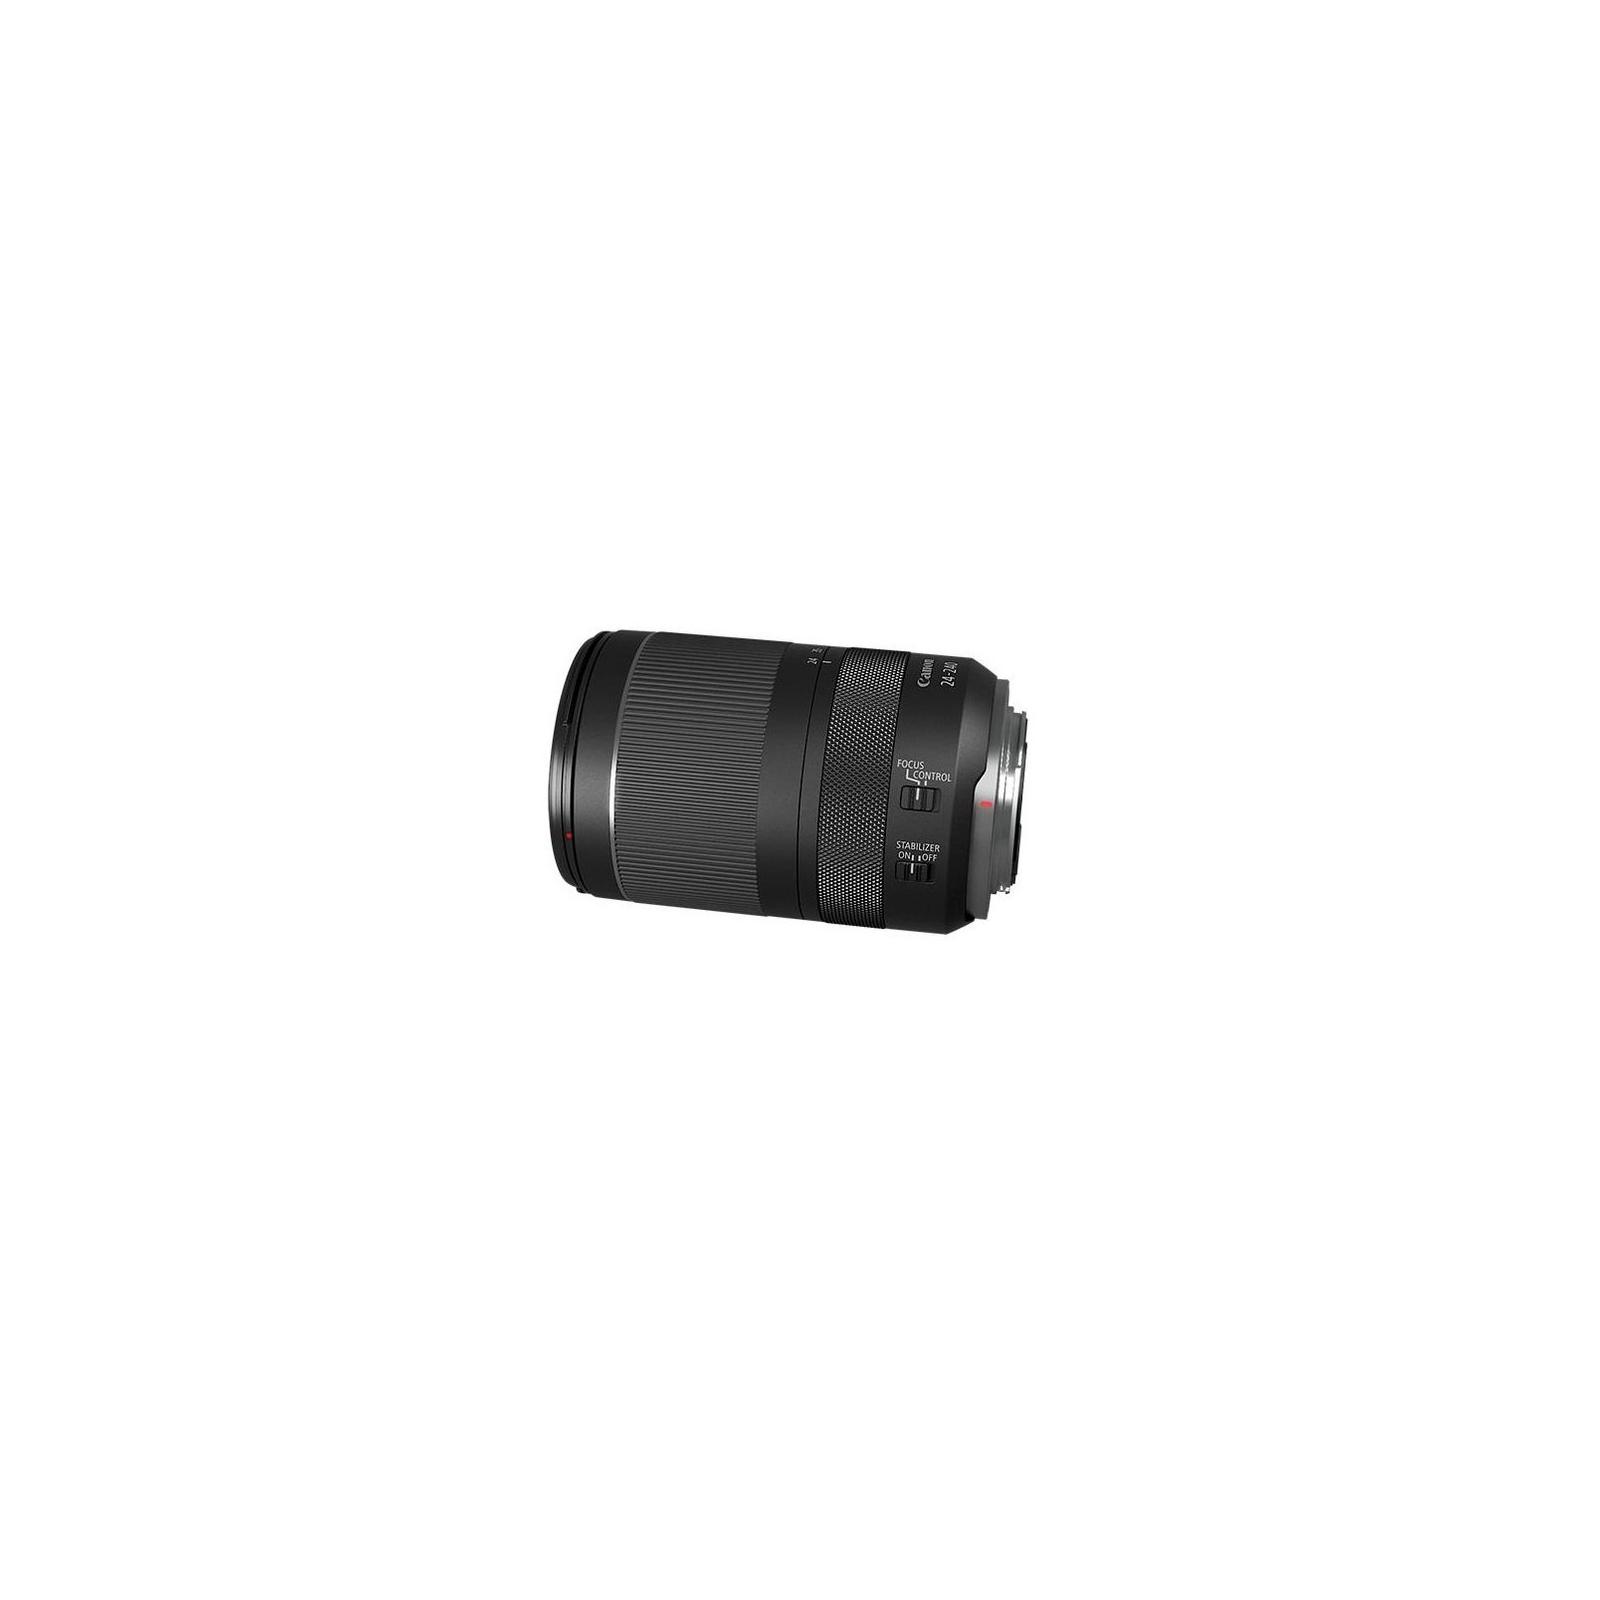 Объектив Canon RF 24-240mm f/4.0-6.3 IS USM (3684C005) изображение 7